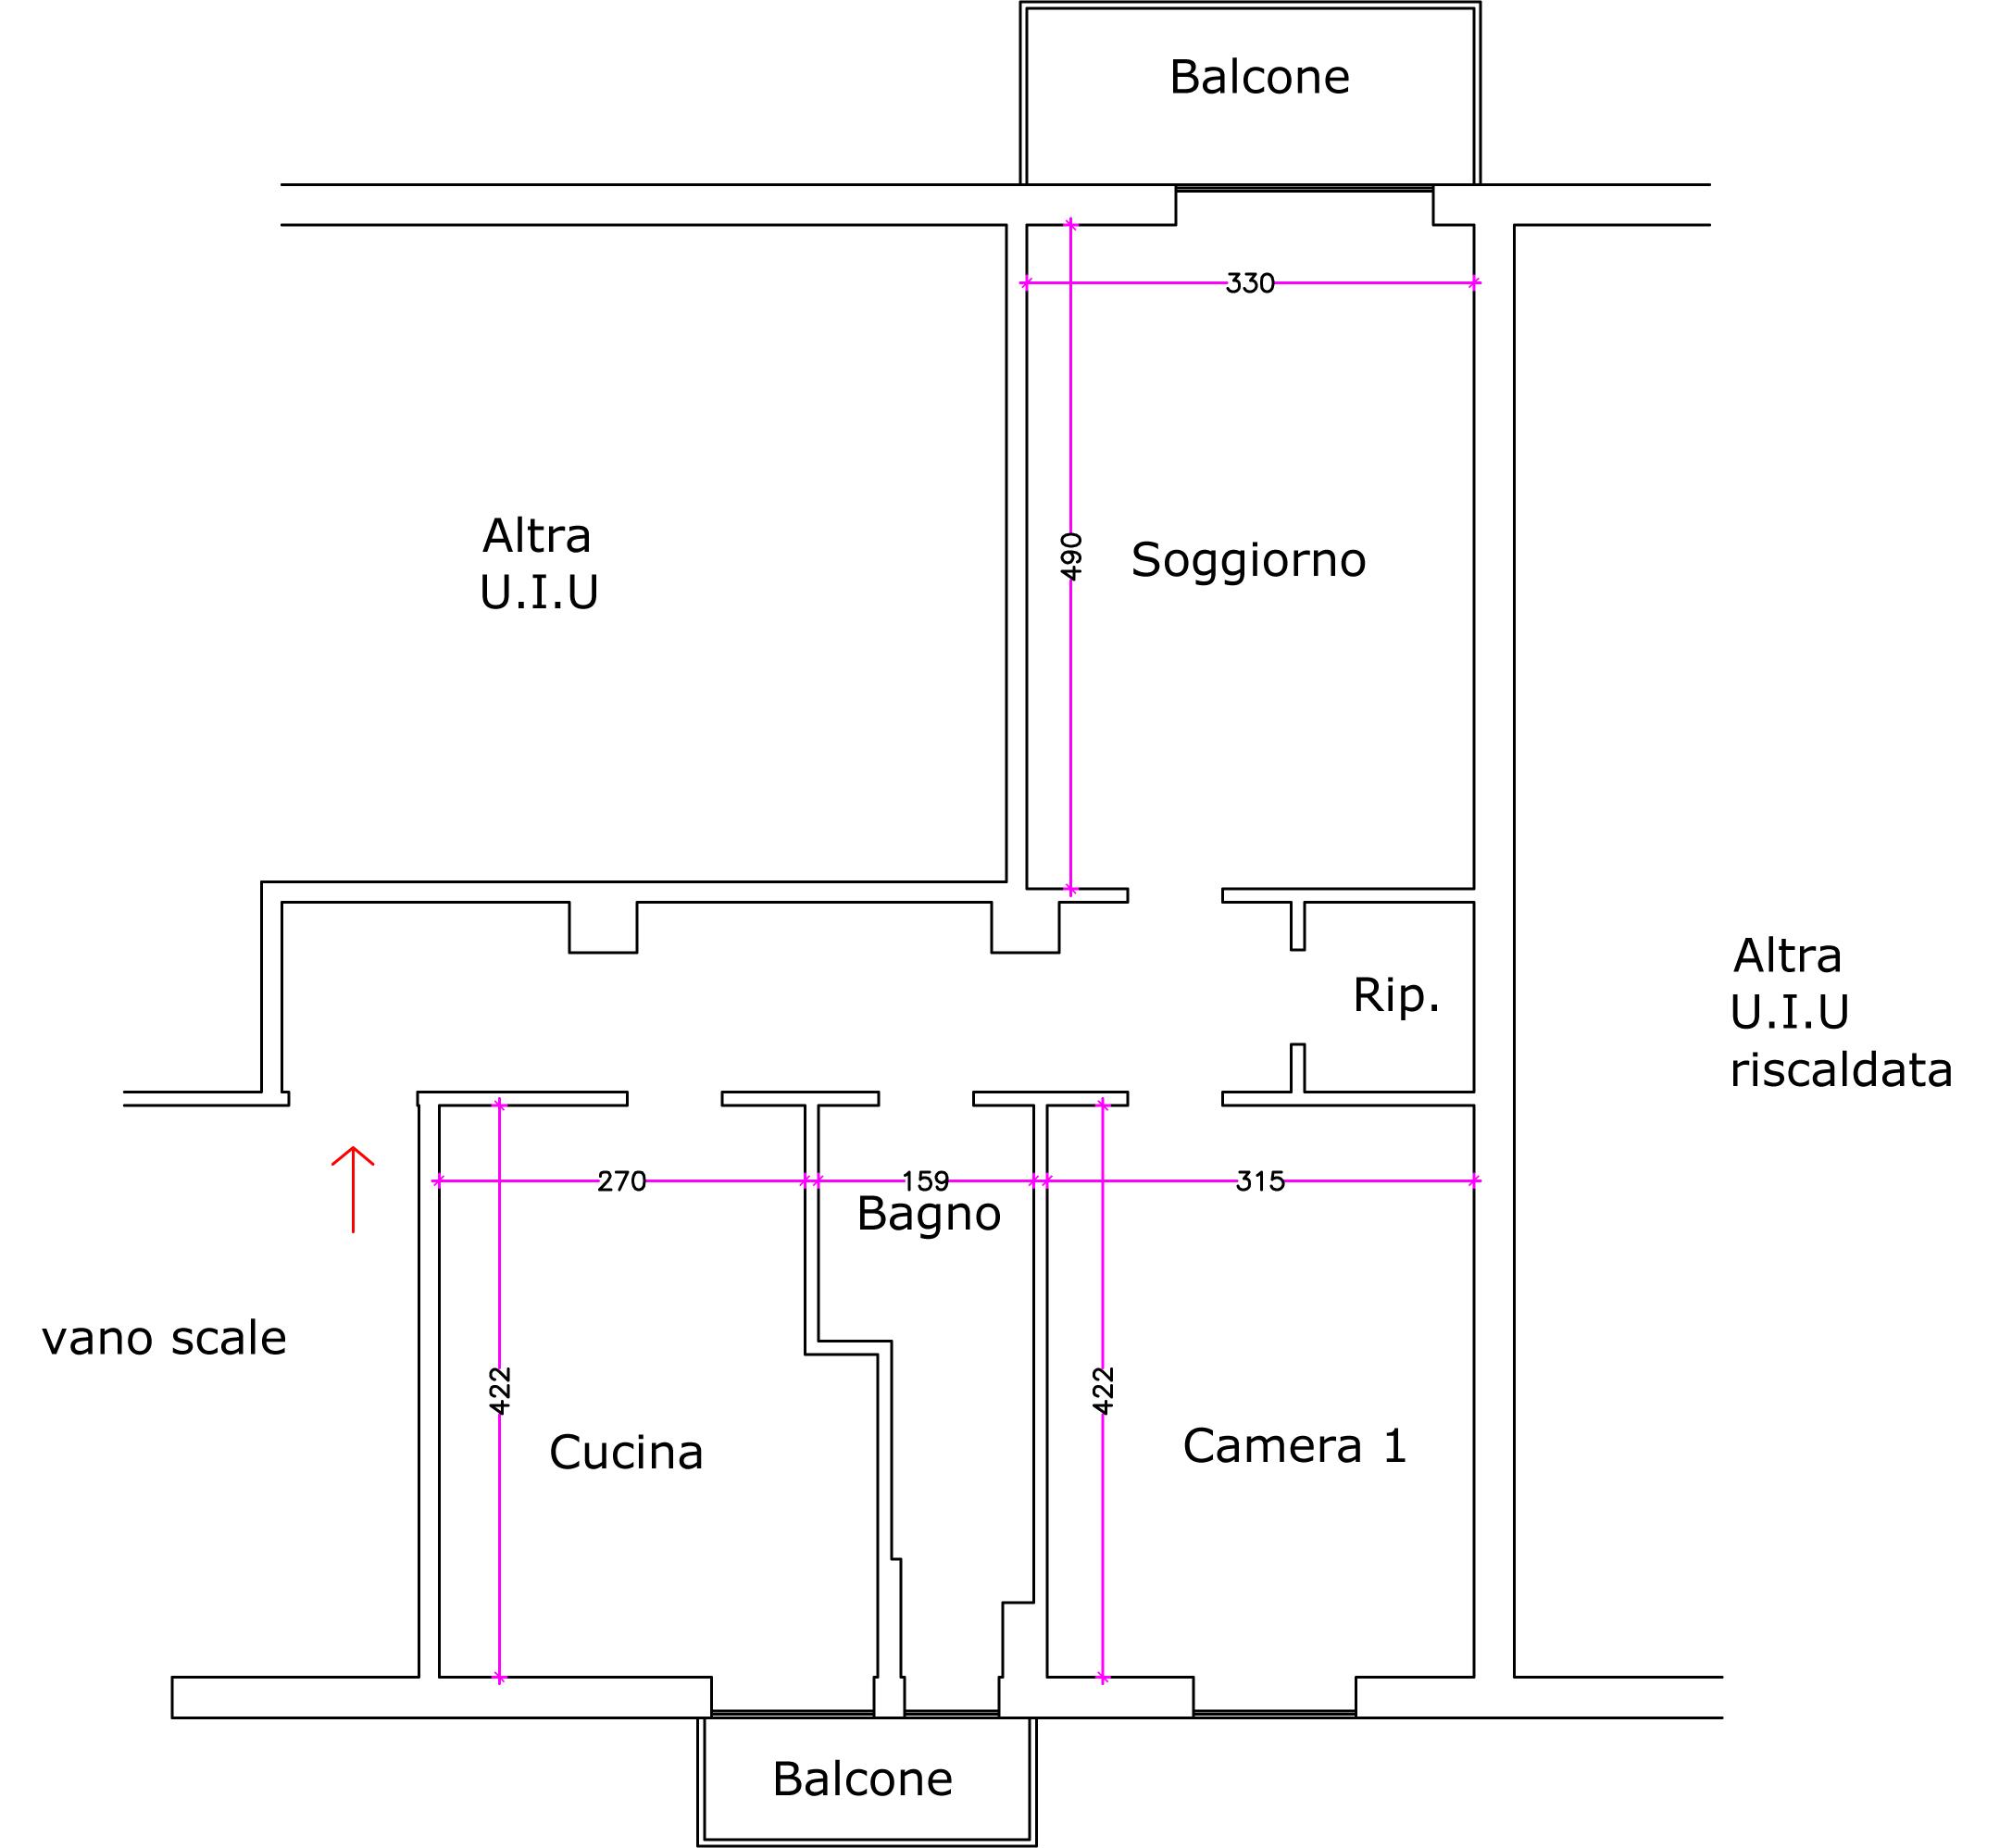 planimetrie/A00BX8CzrO.jpg